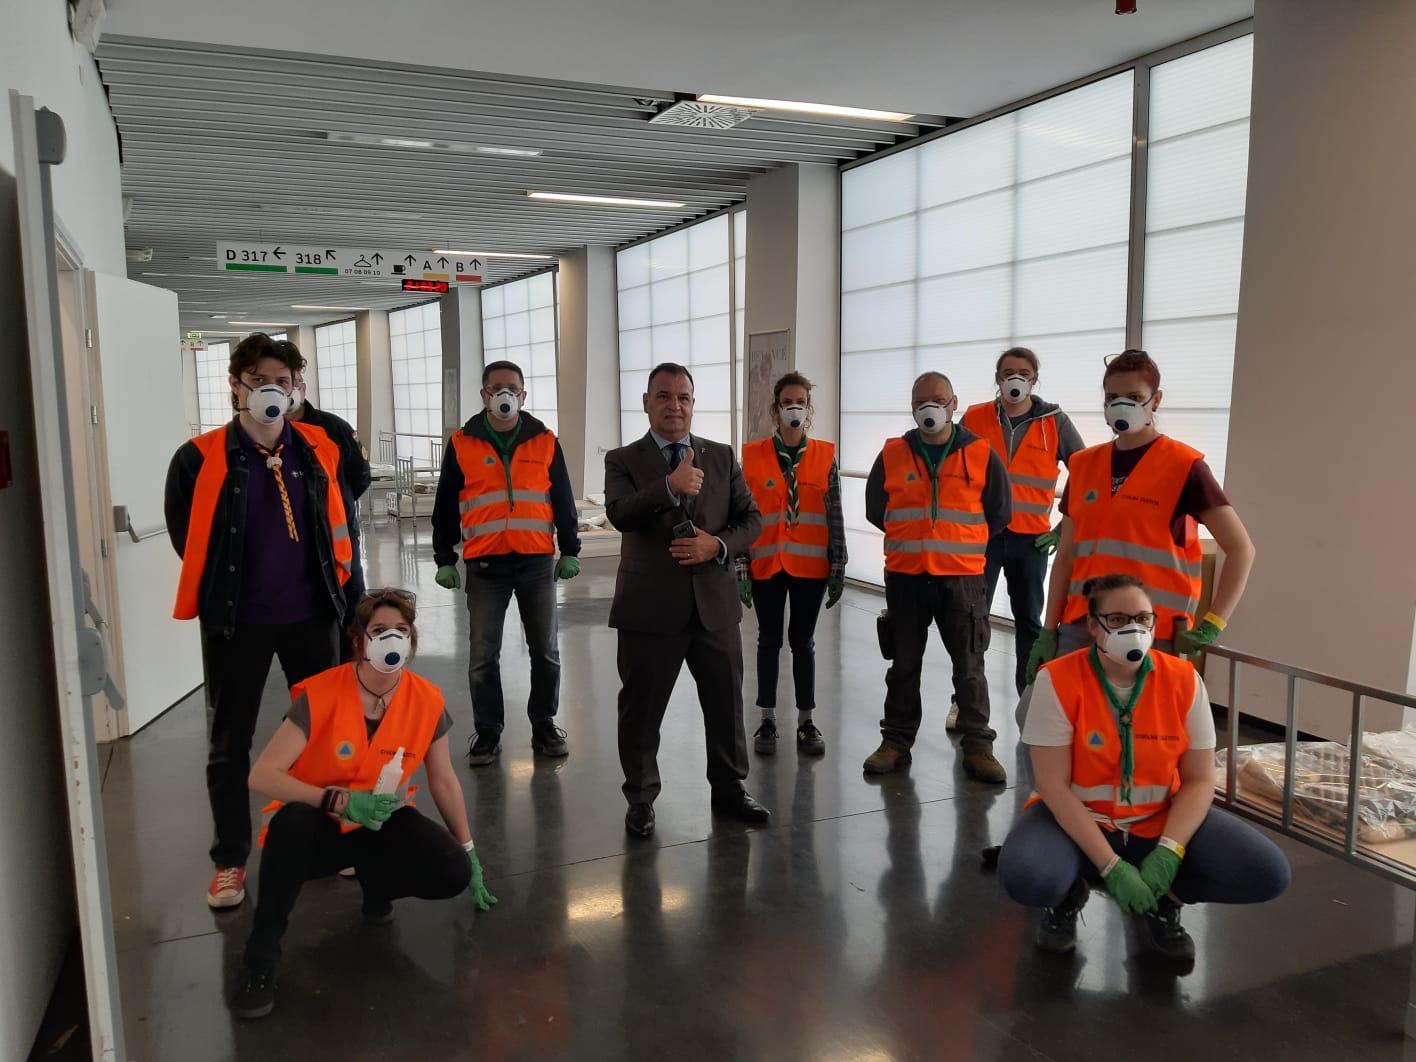 Savez izviđača Hrvatske spremno se uključio u solidarne akcije udoba koronavirusa i potresa u Zagrebu